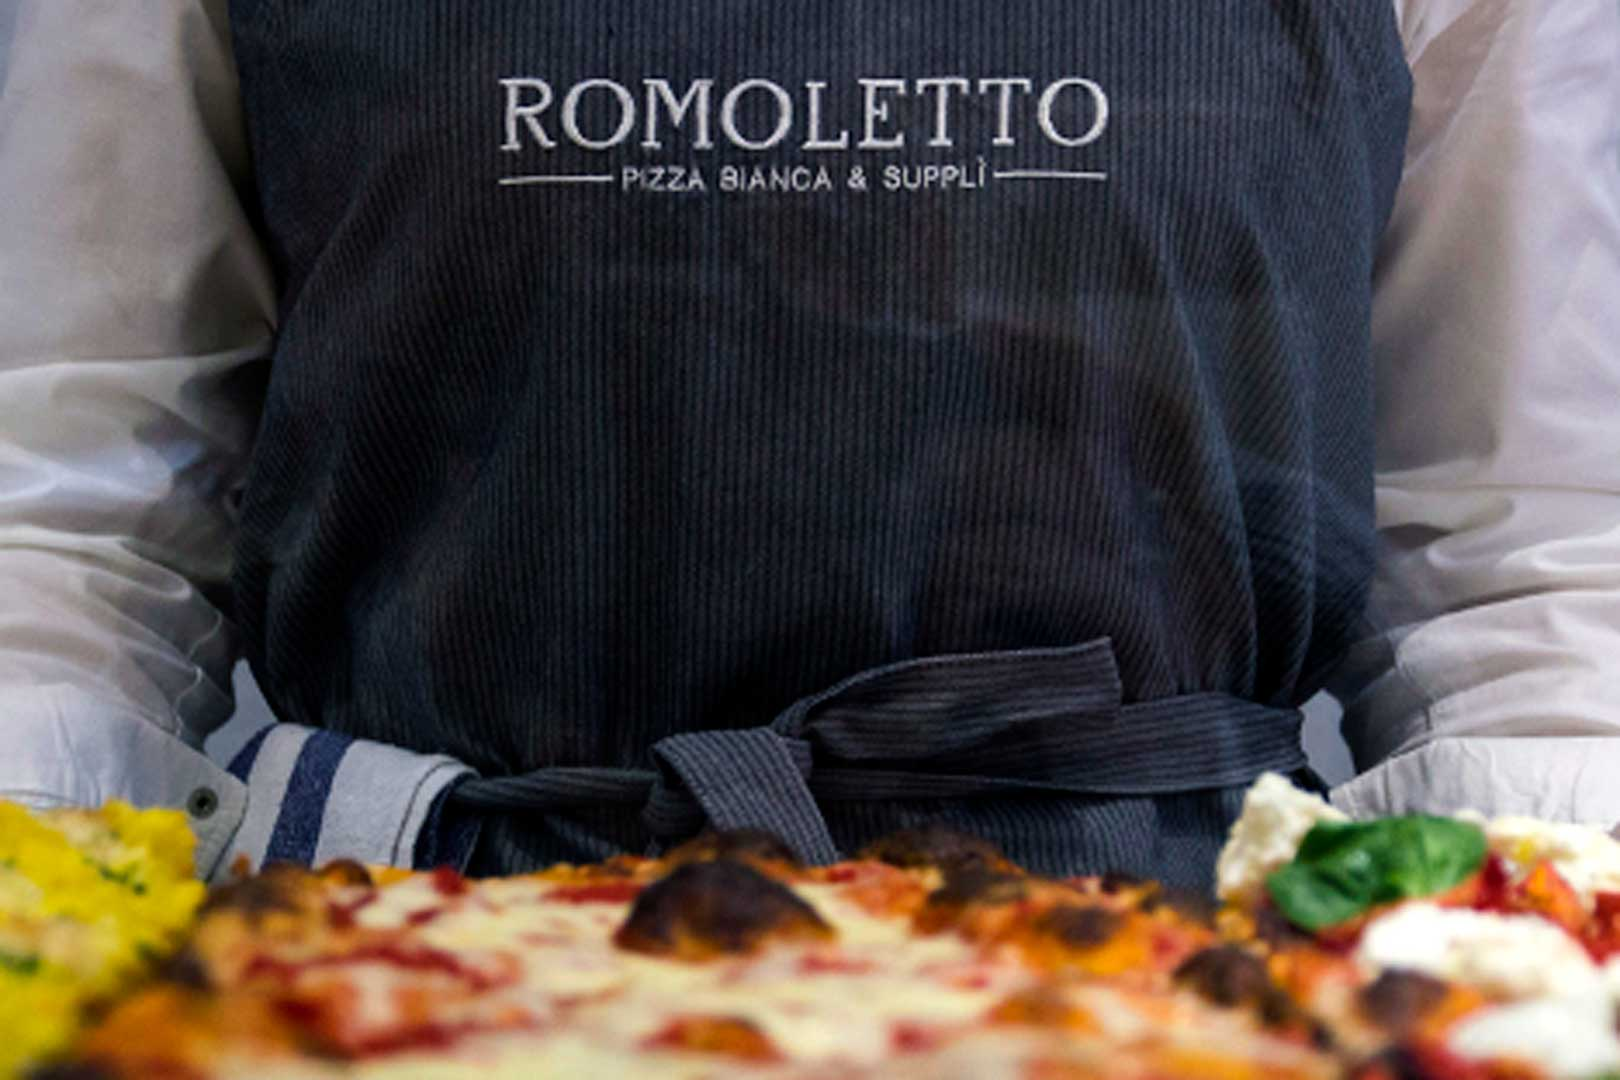 Romoletto - Milano